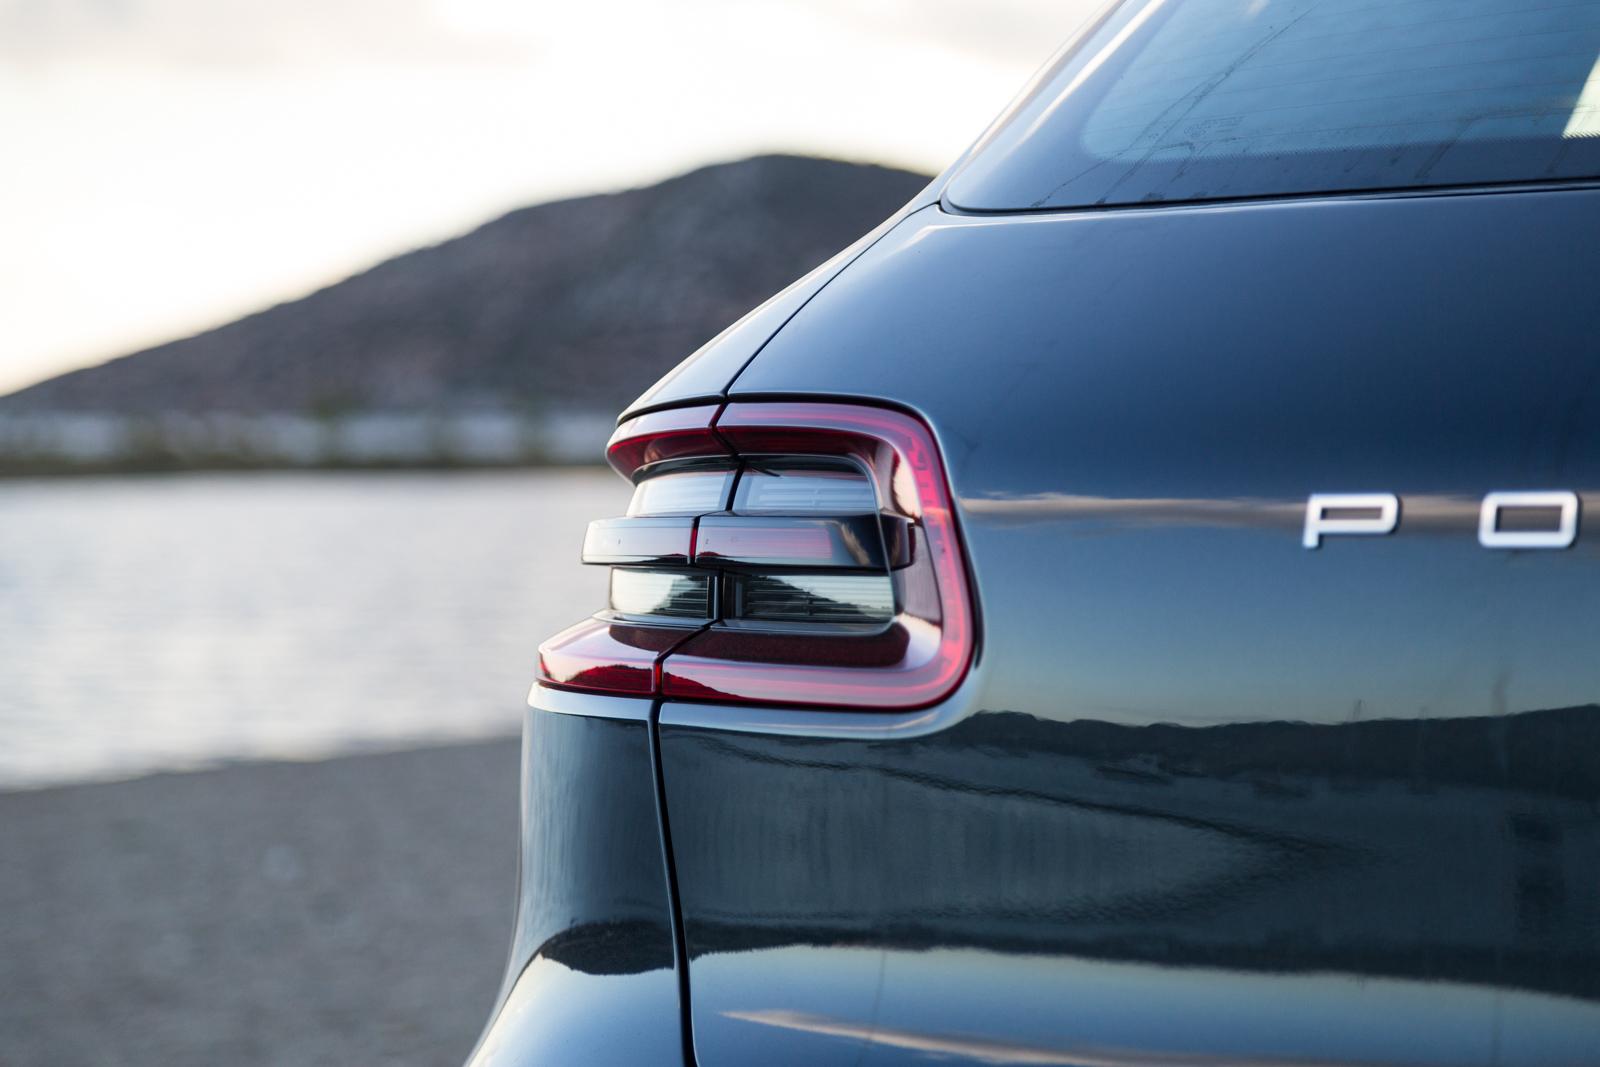 Test_Drive_Porsche_Macan_18